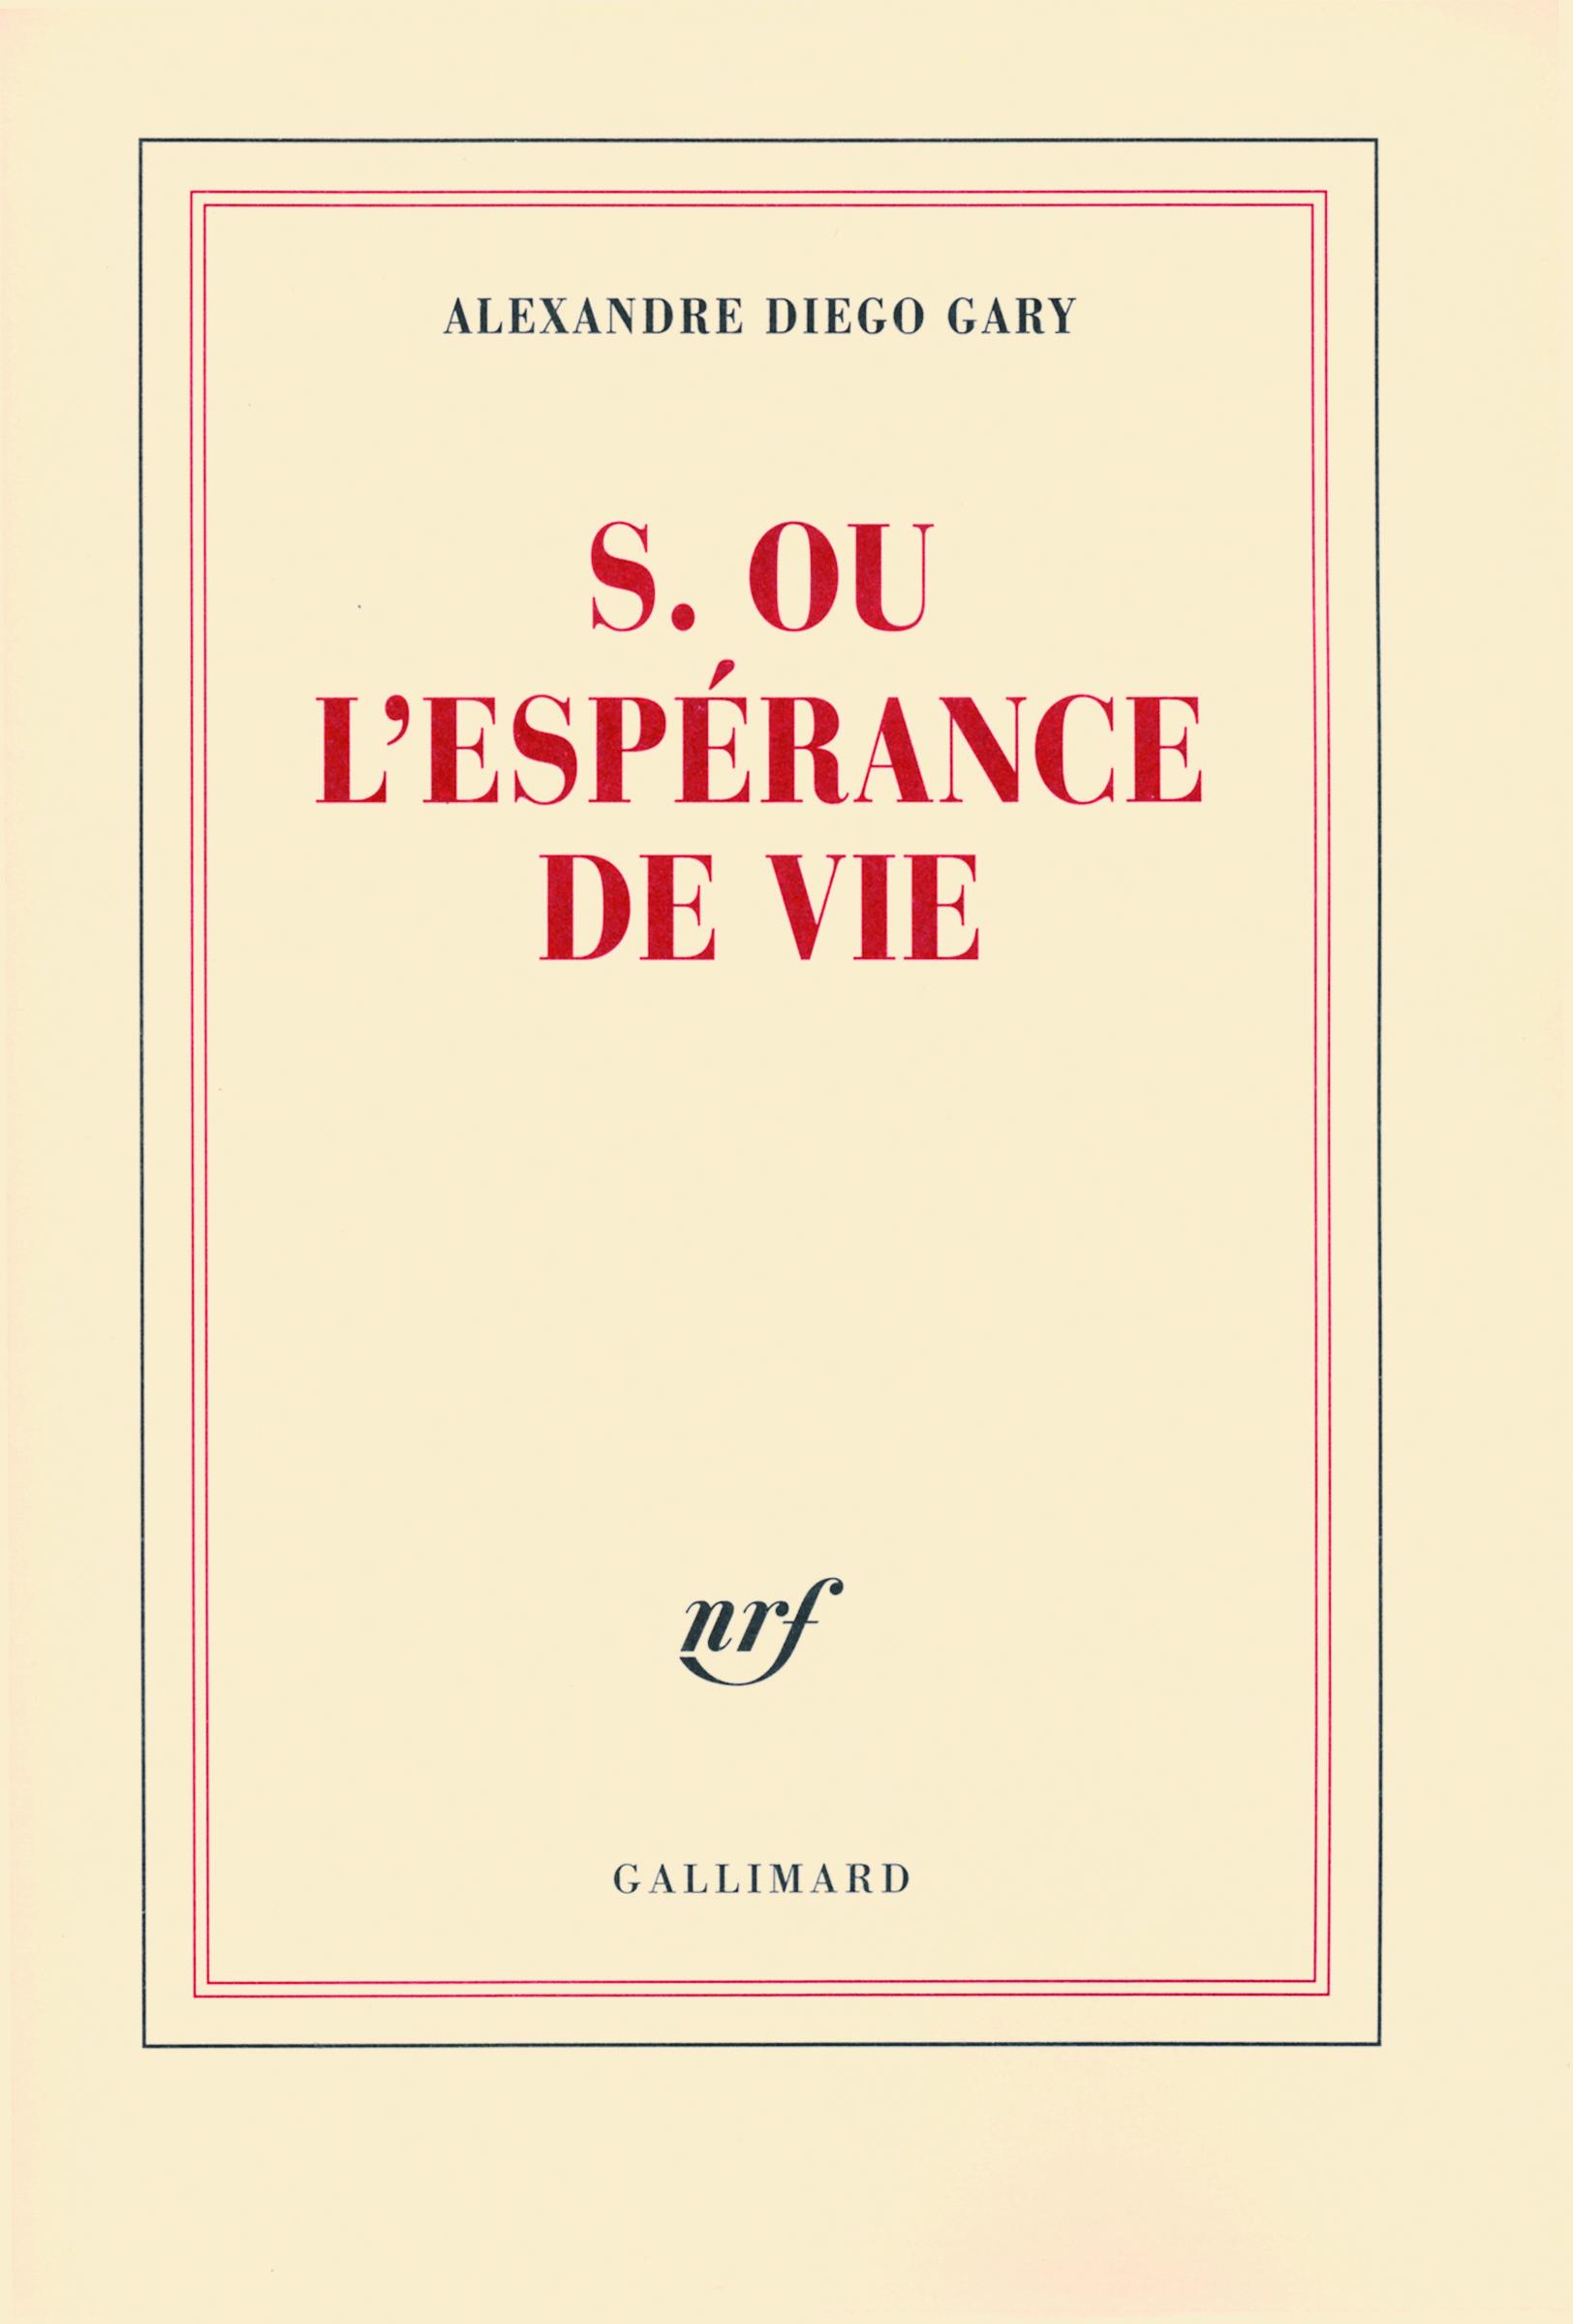 S. OU L'ESPERANCE DE VIE